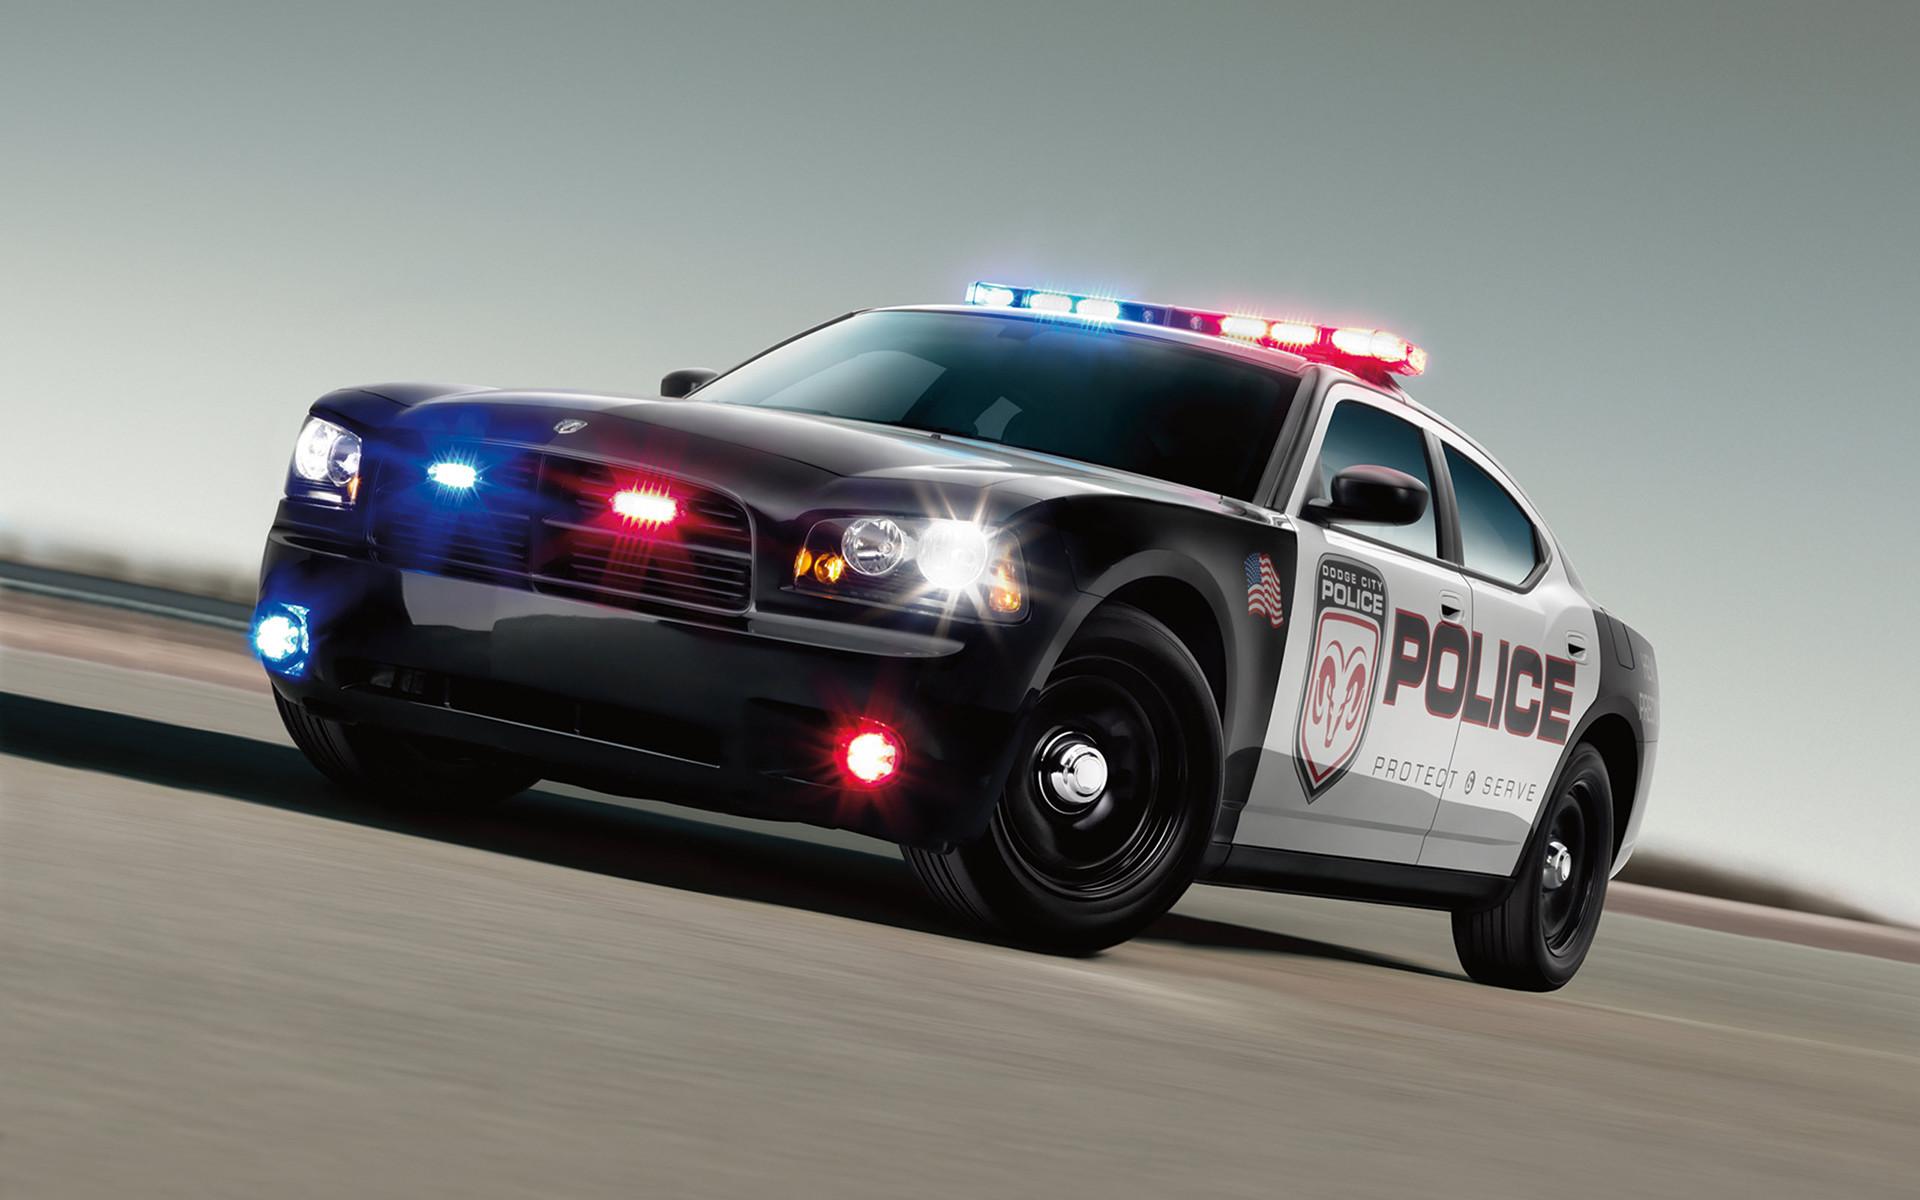 3D Render Dodge Police Car Desktop Wallpaper Uploaded by DesktopWalls